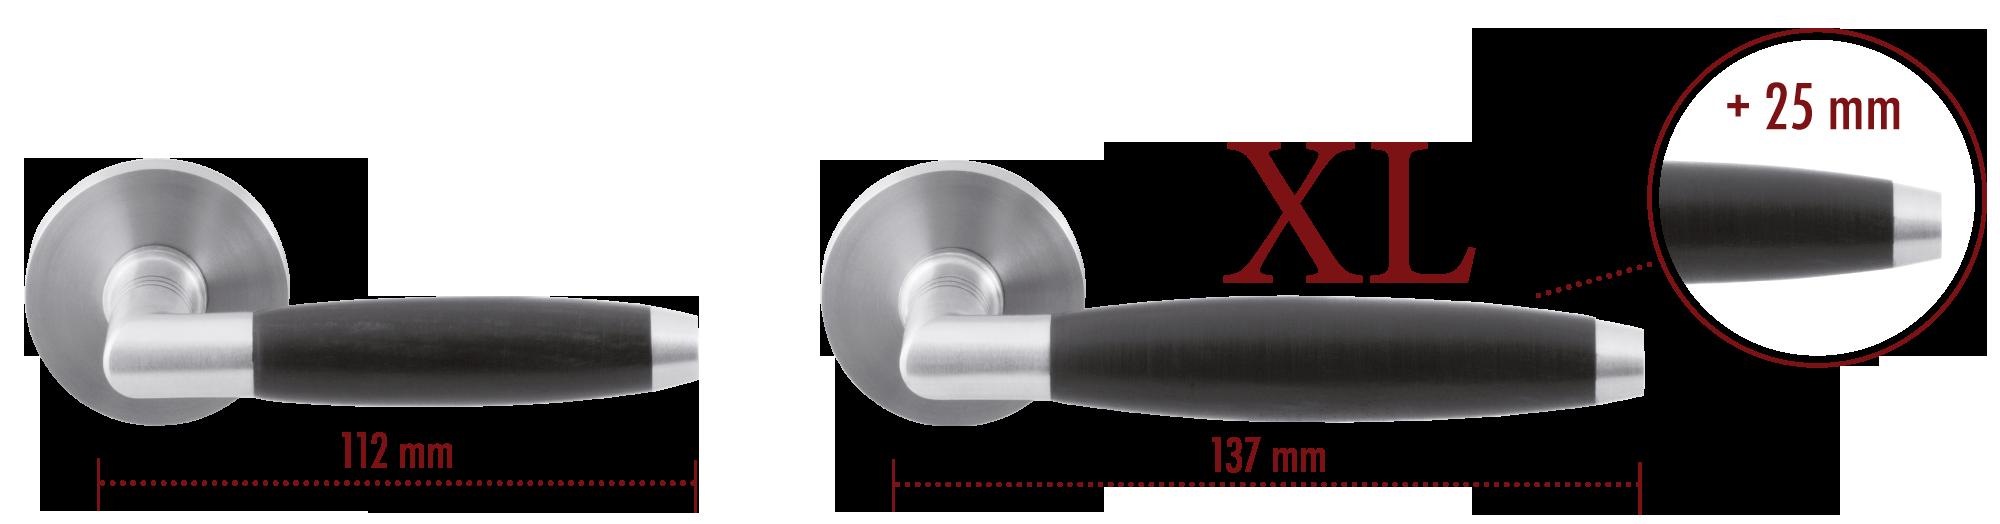 Met een GPF deurkruk XL geniet u van een langere greep